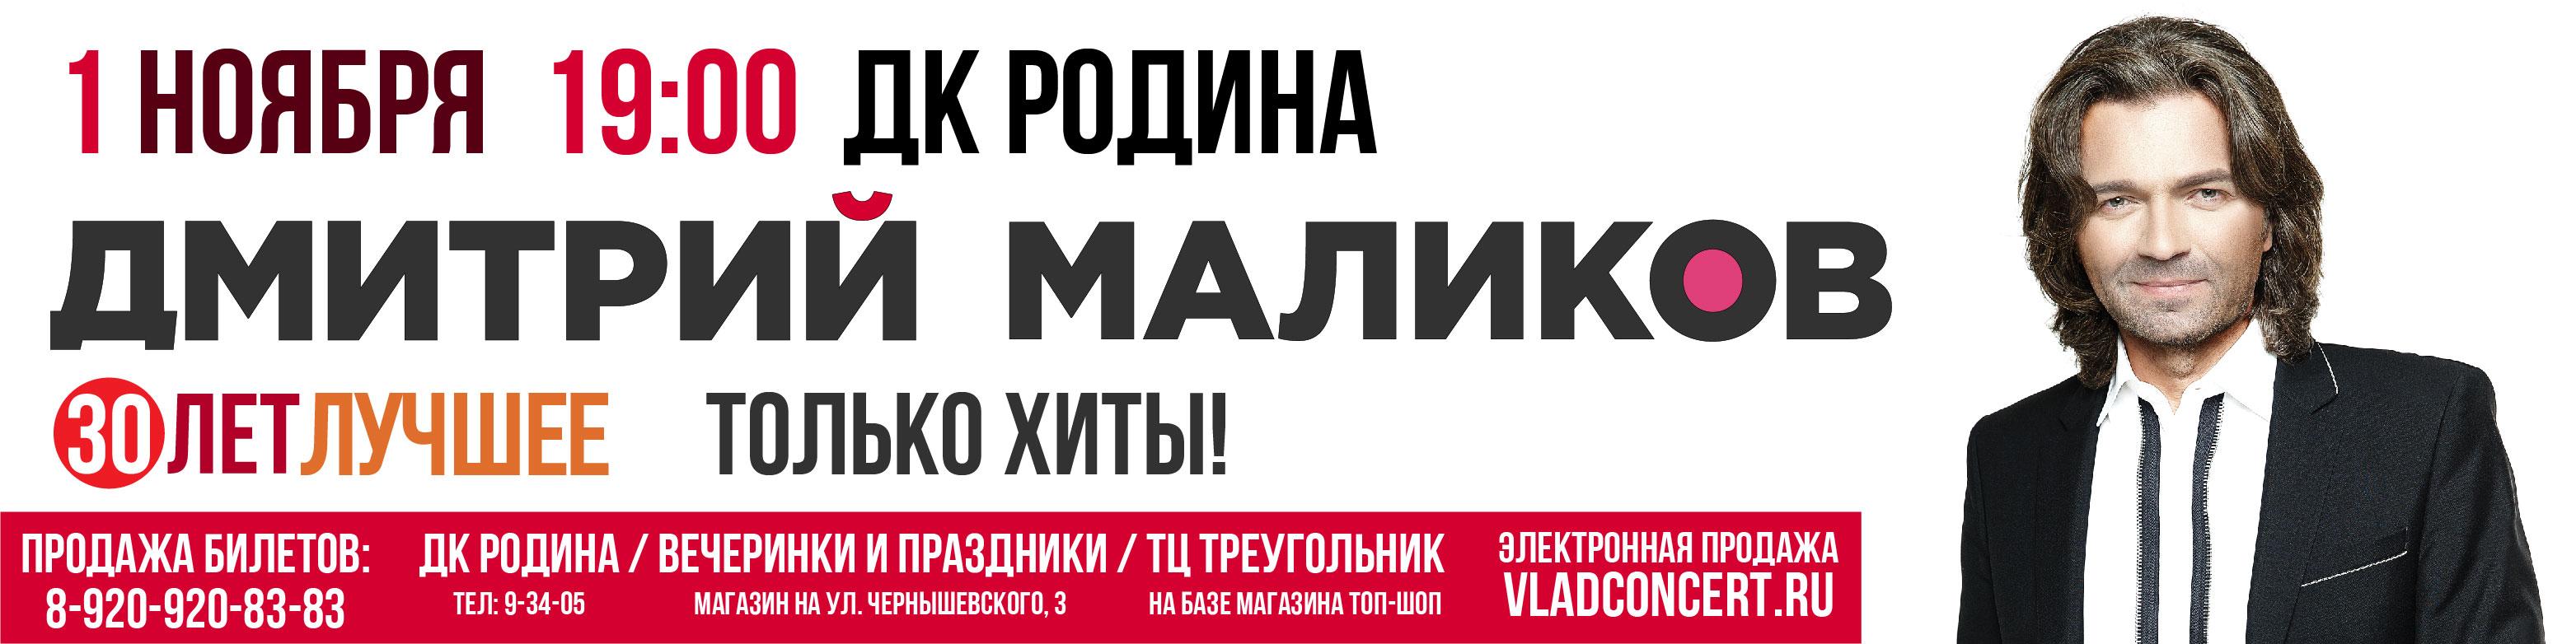 http://vladconcert.ru/cat-89.html